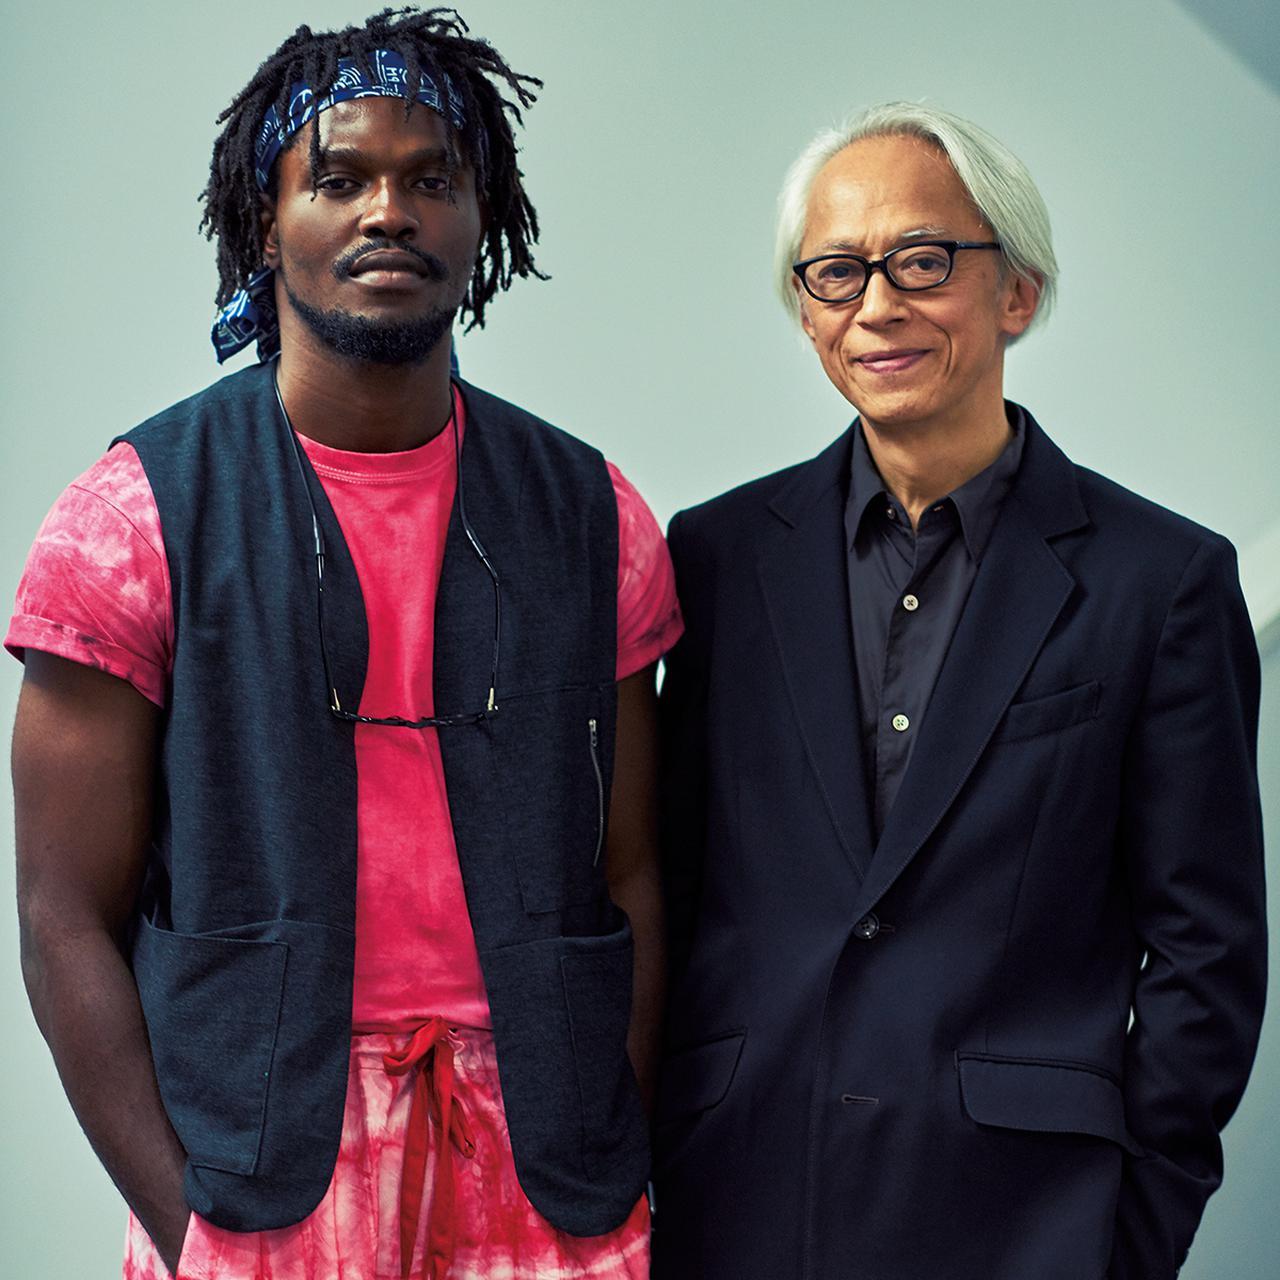 Images : 12番目の画像 - 「栗野宏文が考察する ファッションがアフリカに見る 未来の可能性」のアルバム - T JAPAN:The New York Times Style Magazine 公式サイト